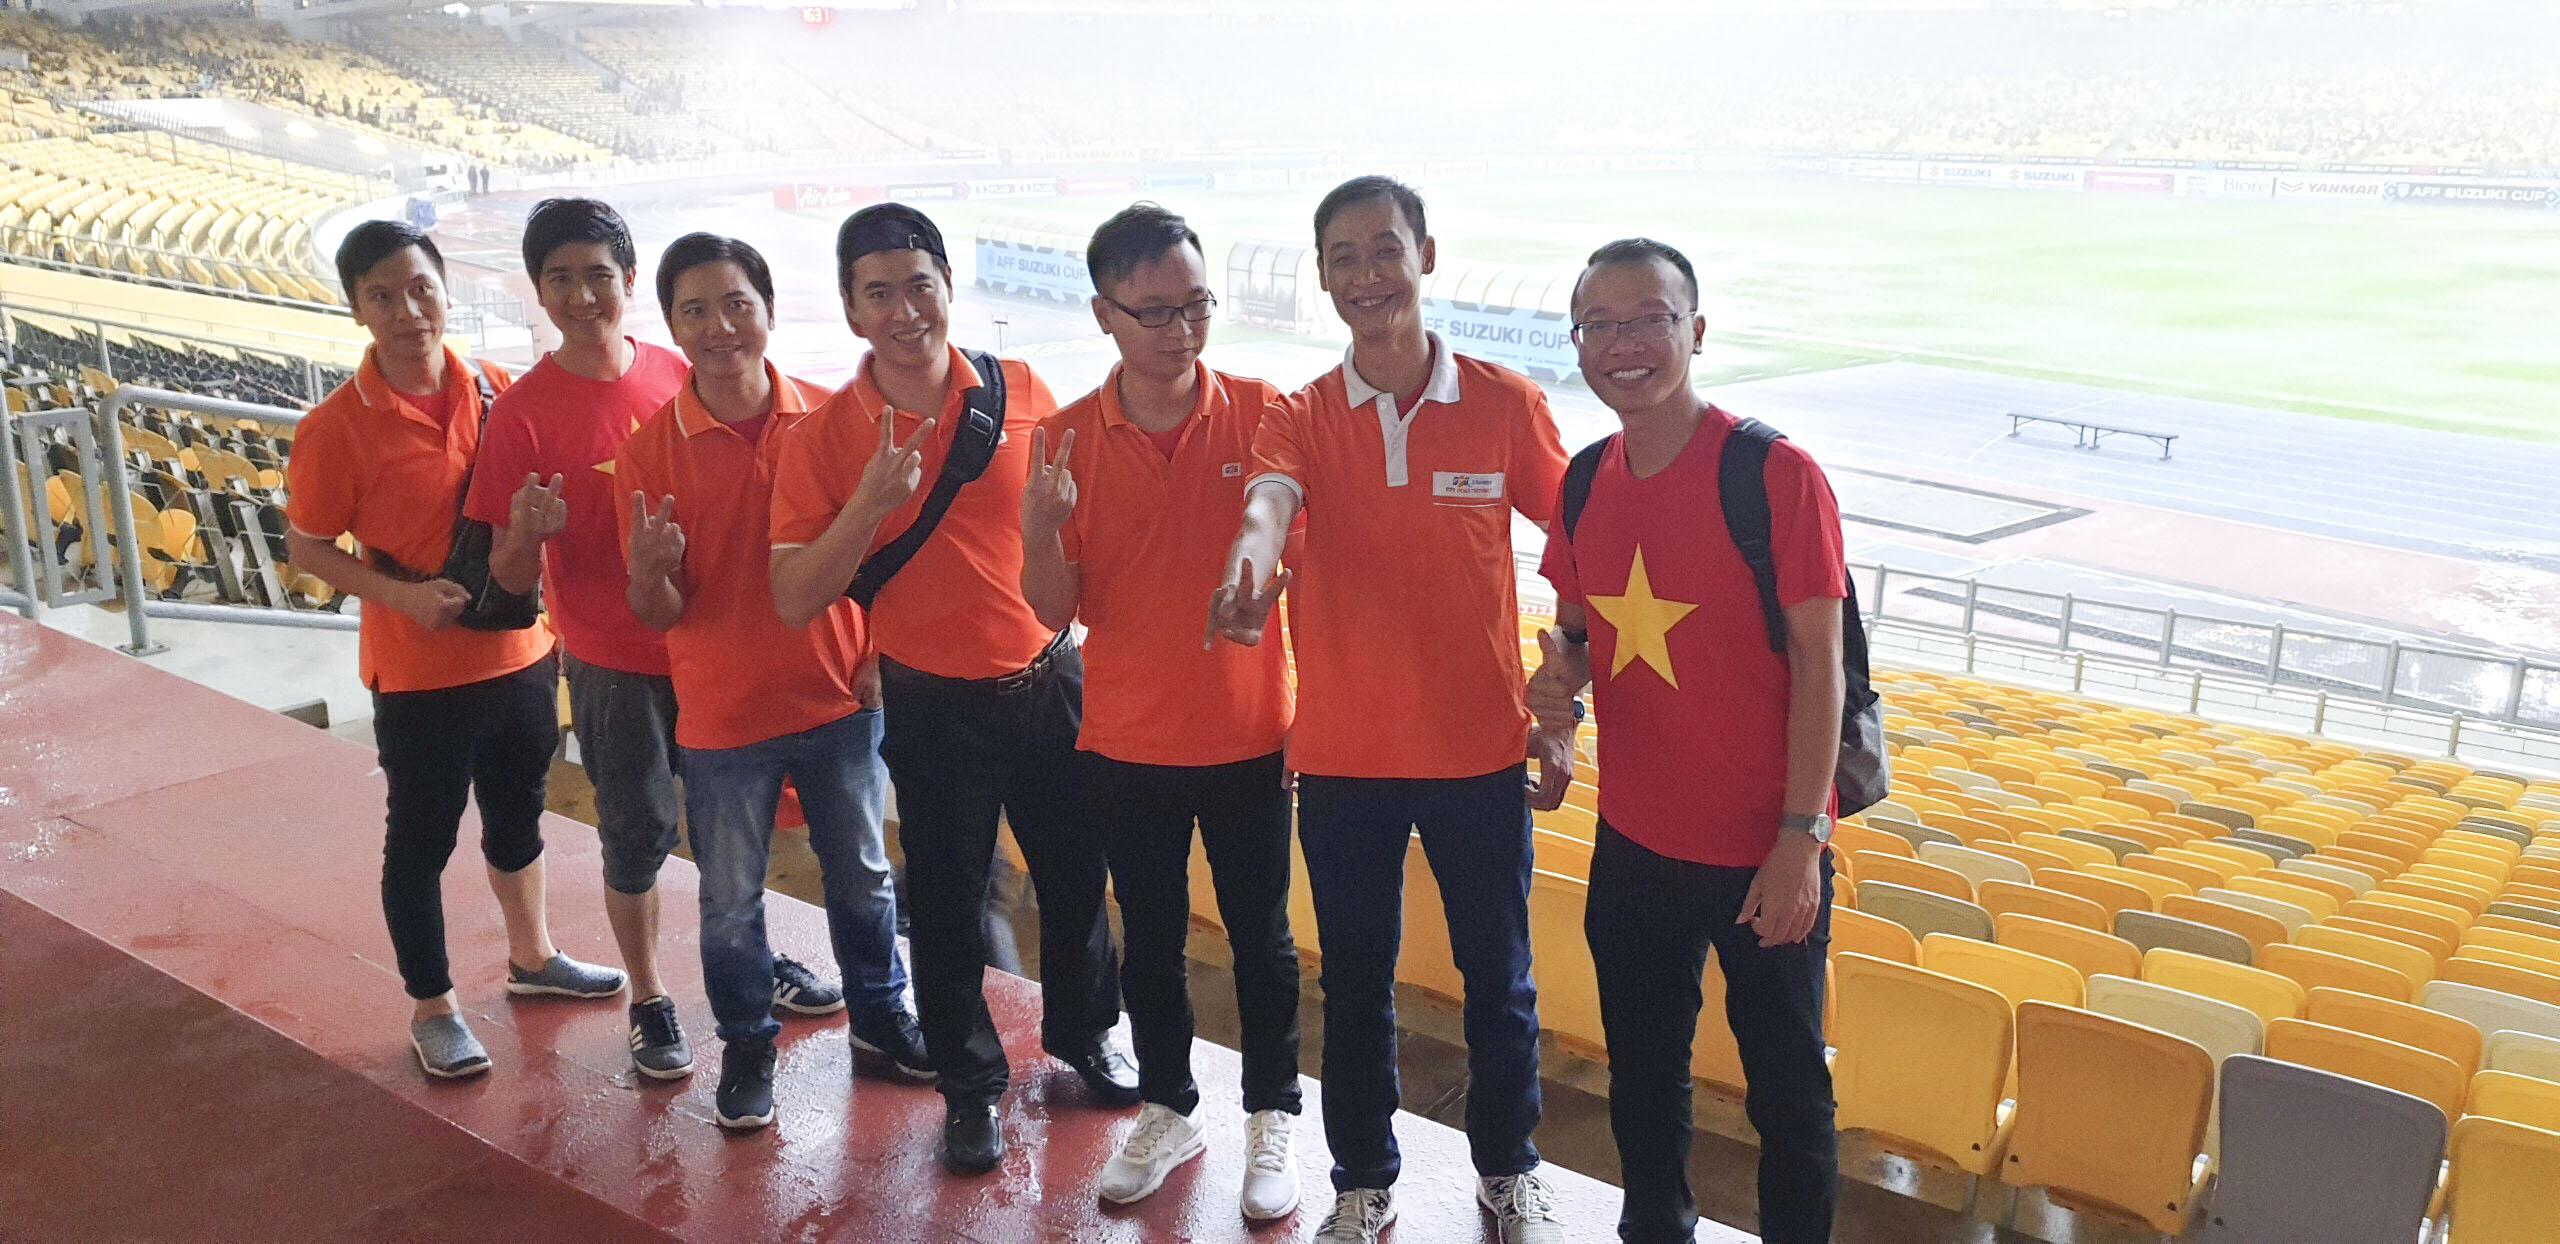 """Một thành viên khác của FPT Polytechnic là anh Dương Đình Cường (ngoài cùng bên phải) cho biết anh đã phải nhờ một người bạn ở FMAS mua vé từ rất sớm để có được vị trí đẹp trên sân hôm nay. """"Tôi đã xem hầu hết các trận thi đấu của Malaysia. Đây là đội có lối chơi cực kỳ rắn và đầy quyết tâm. Sẽ là thế trận đội chủ nhà dồn ép chúng ta, tuy nhiên với chiến thuật của HLV Park như hiện tại, Việt Nam càng bị dồn ép thì đá phản công càng hay. Tôi rất tin tưởng vào tâm lý của họ. Chảo lửa 90.000 khán giả ở Bukit không thể gây áp lực cho chúng ta mà còn tạo động lực và cảm giác hưng phấn cho đội tuyển. Về kết quả trận đấu, tôi nghĩ Việt Nam sẽ có chiến thắng với cách biệt 1 bàn""""."""